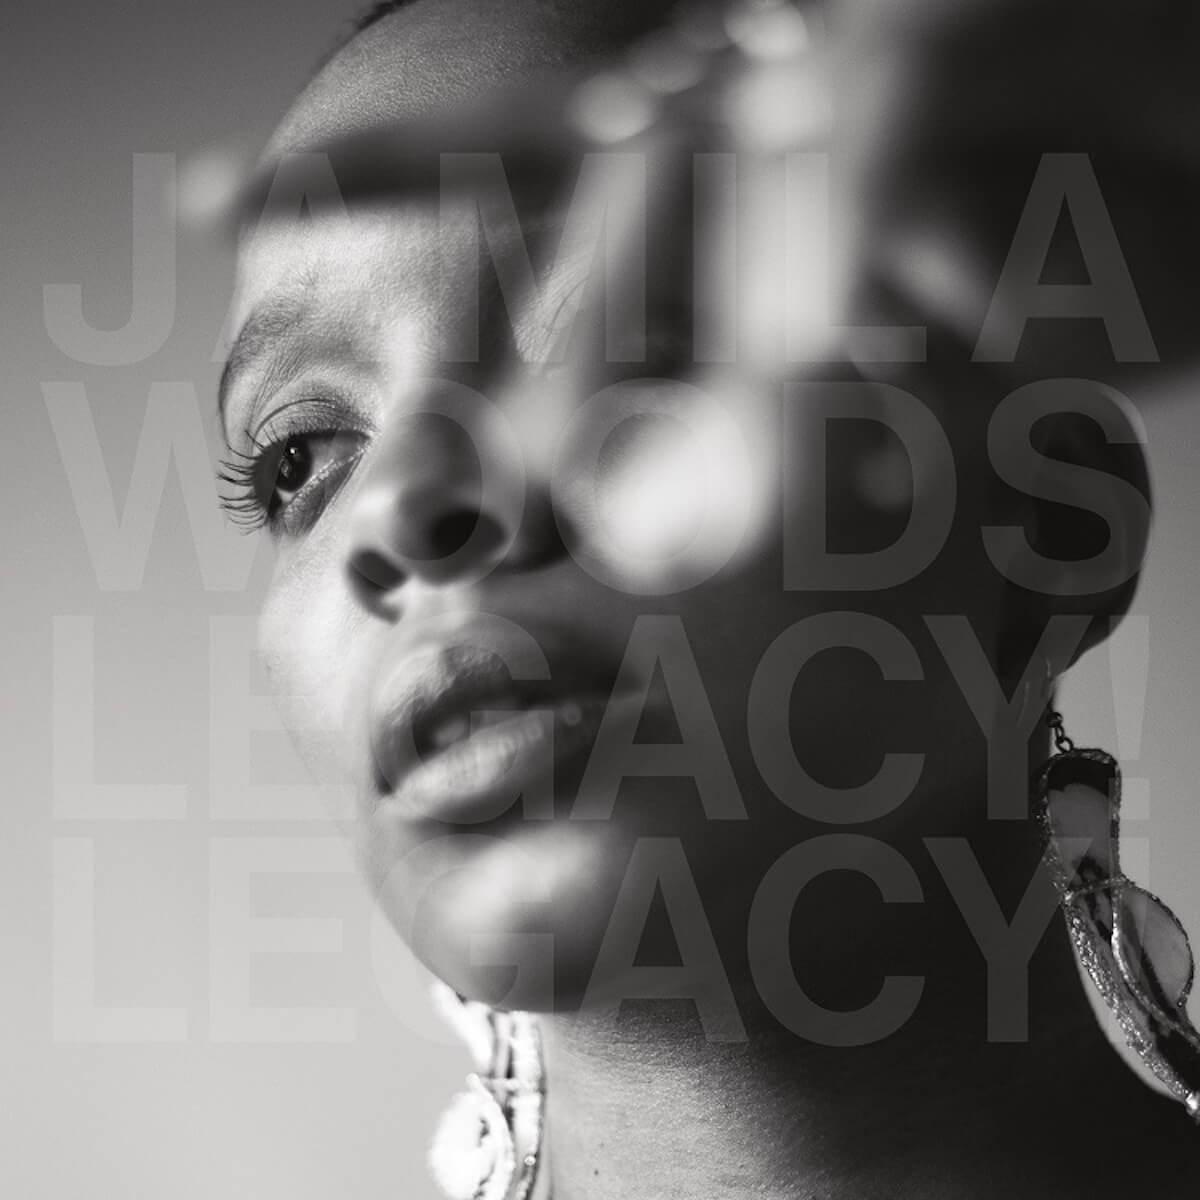 ジャミーラ・ウッズ、5月10日発売『レガシー!レガシー!』より「BALDWIN feat.Nico Segal」の映像を公開 music190508-jamilawoods_